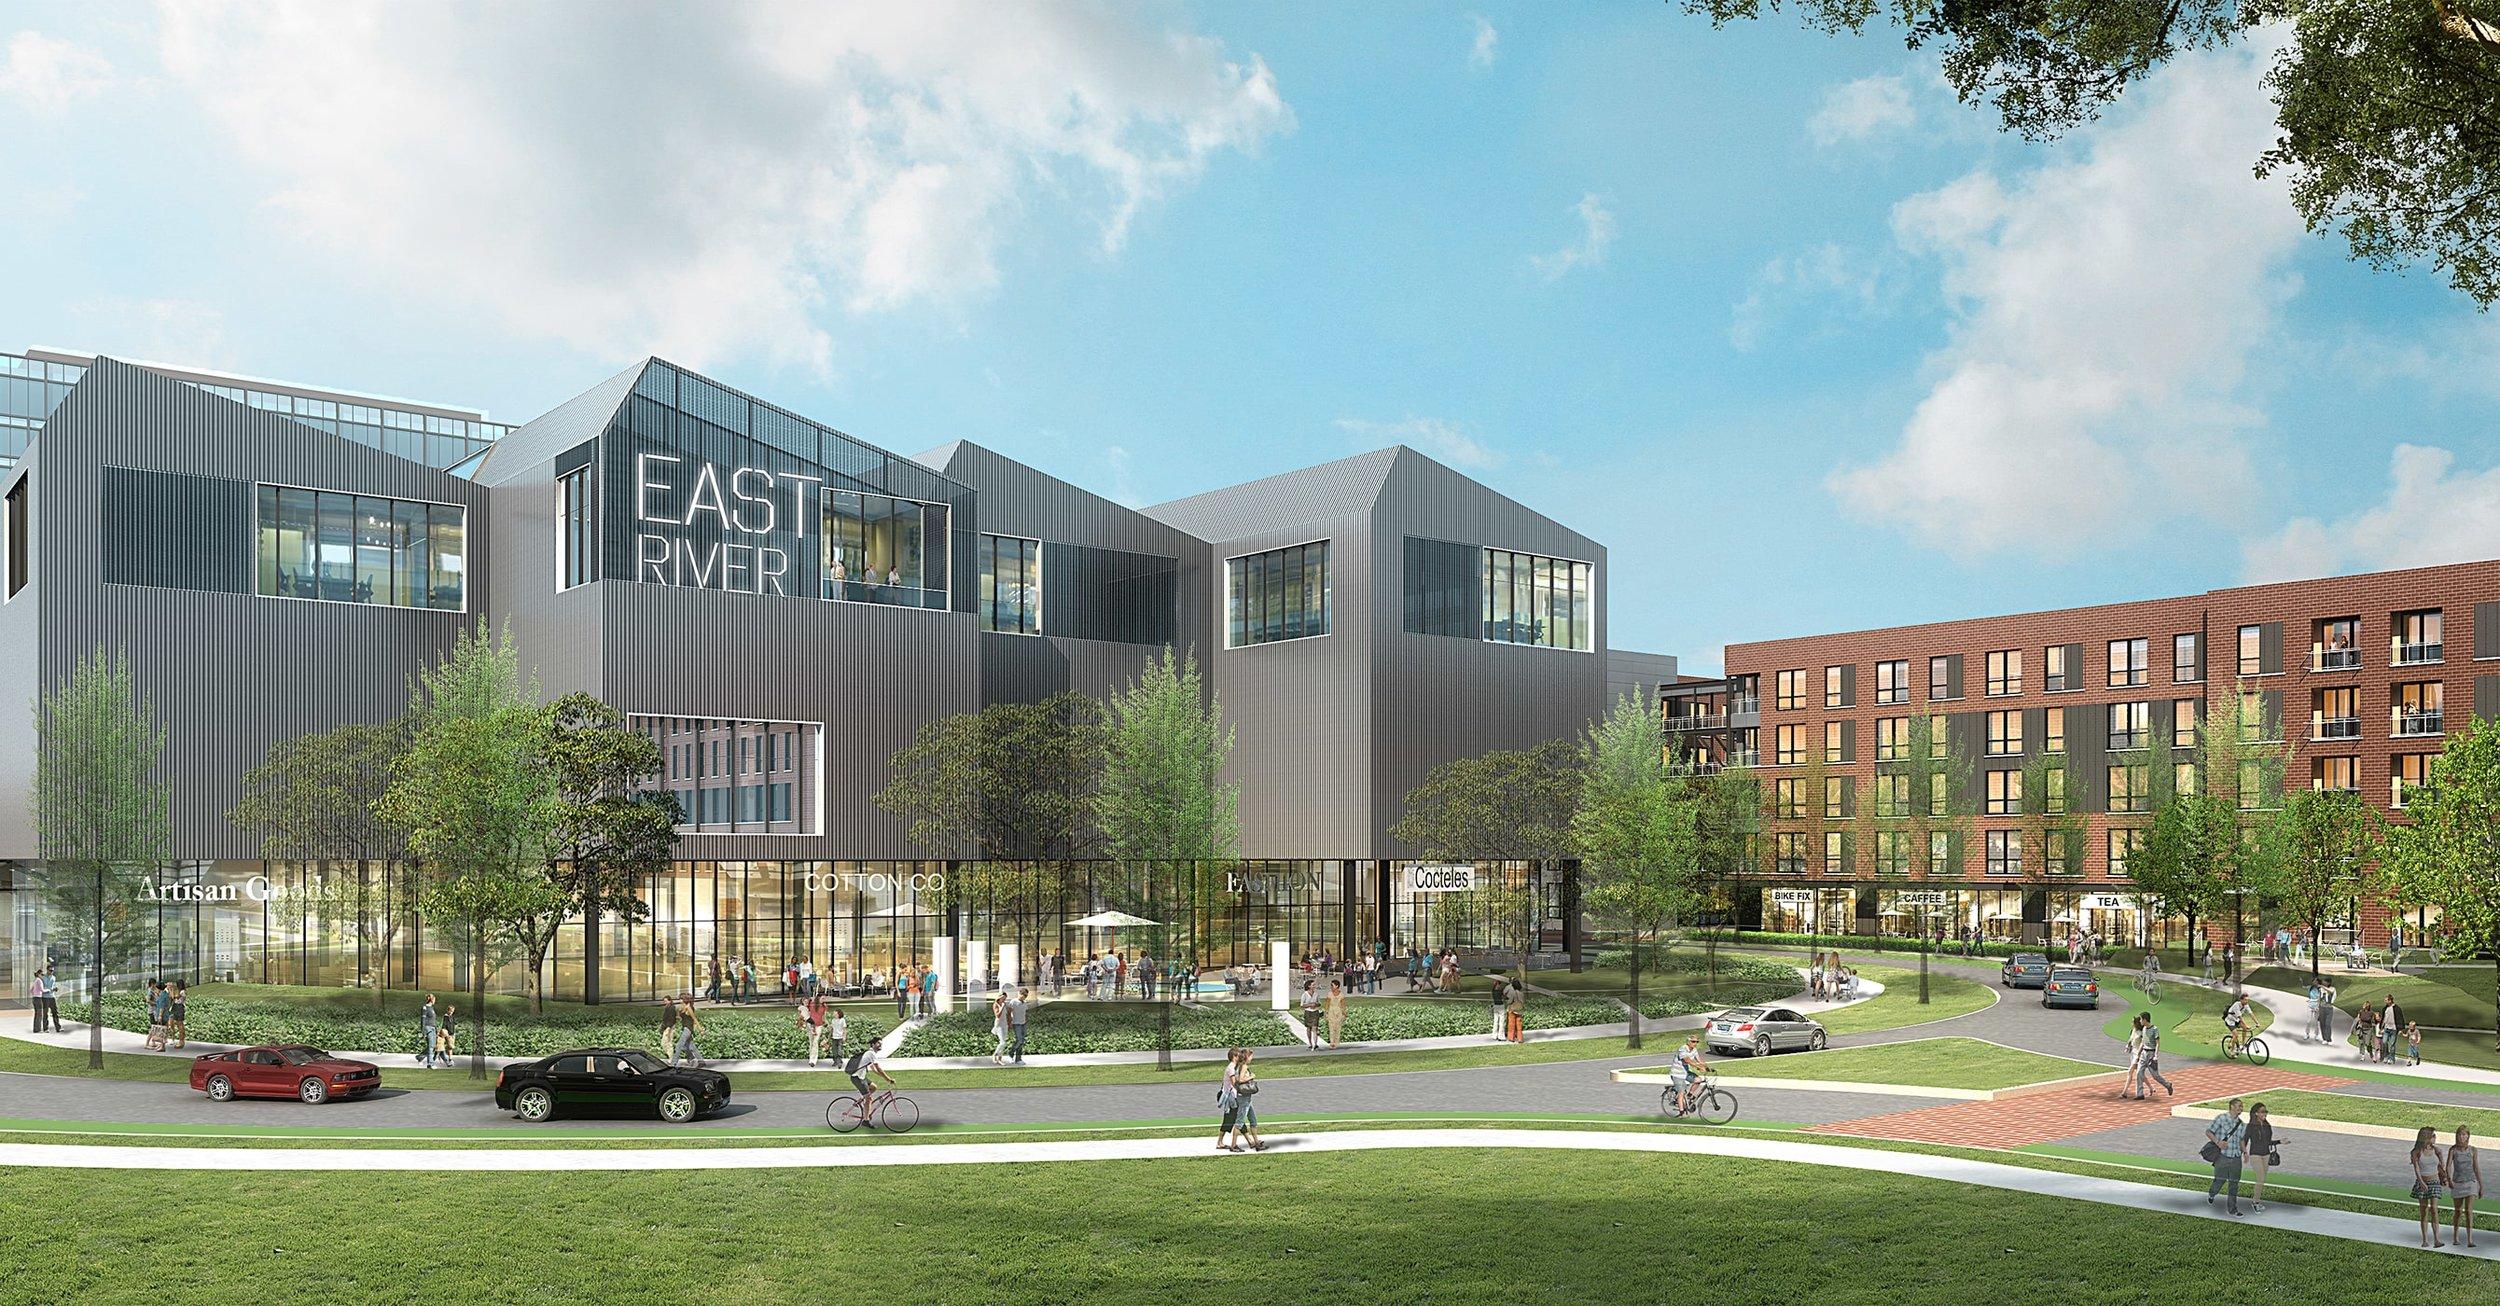 EastRiver_Phase1_View1ab-min-2.jpg